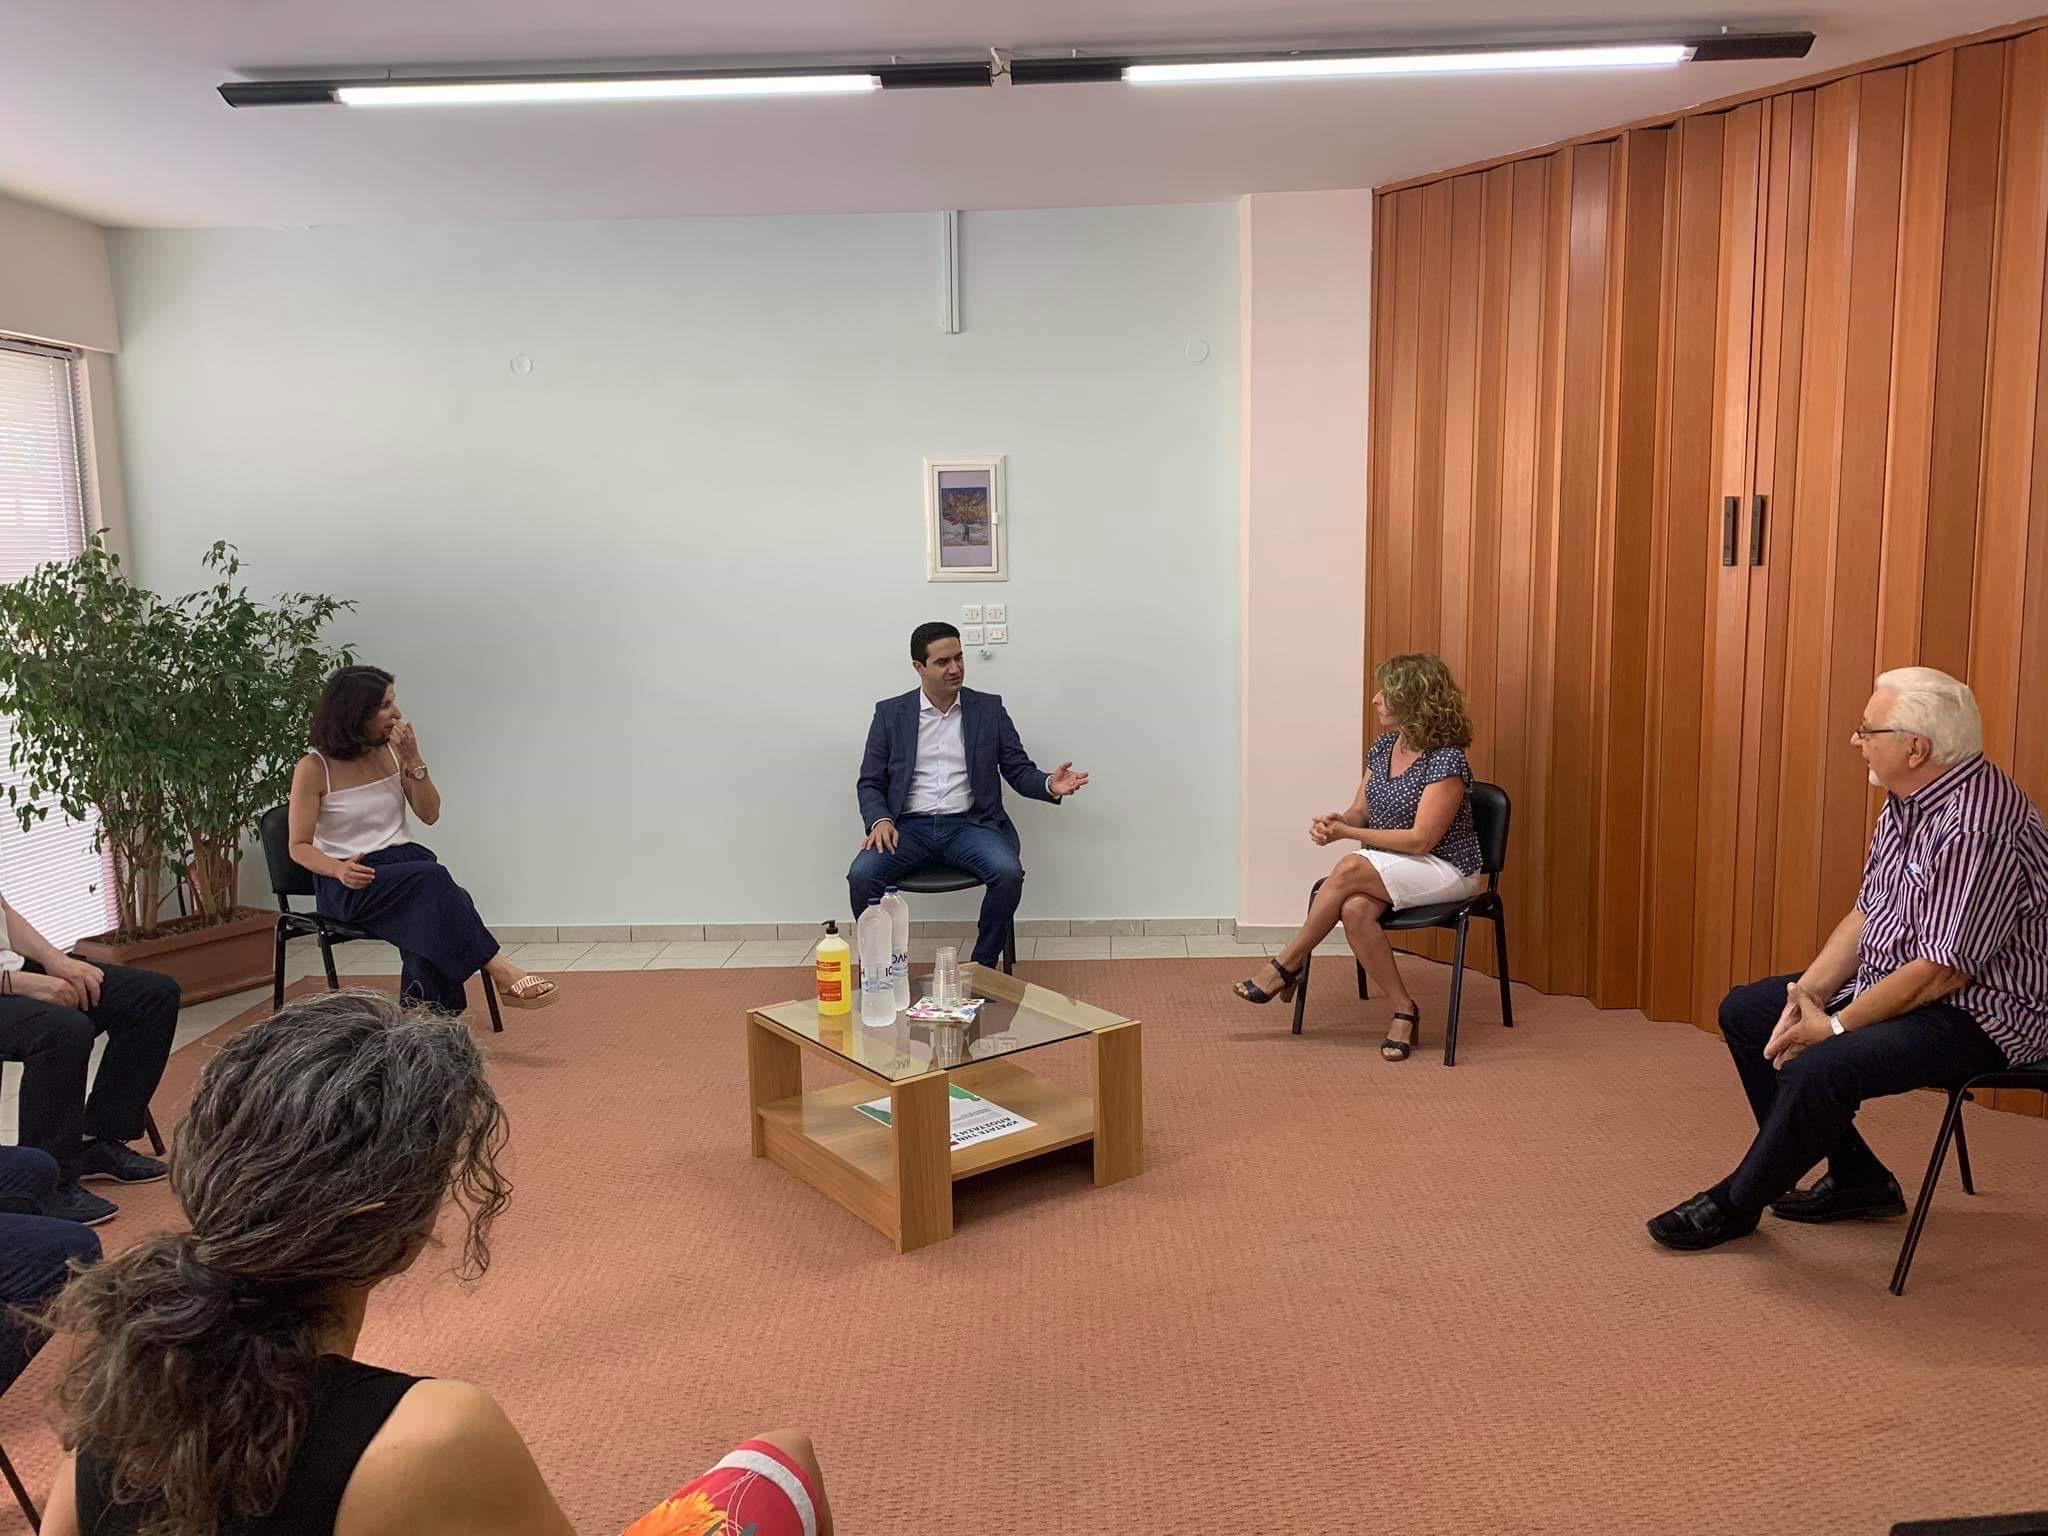 Πύργος: Επίσκεψη Μιχάλη Κατρίνη στο κέντρο πρόληψης «Παρεμβάσεις» και τη θεραπευτική μονάδα του ΟΚΑΝΑ στην Ηλεία (photos)